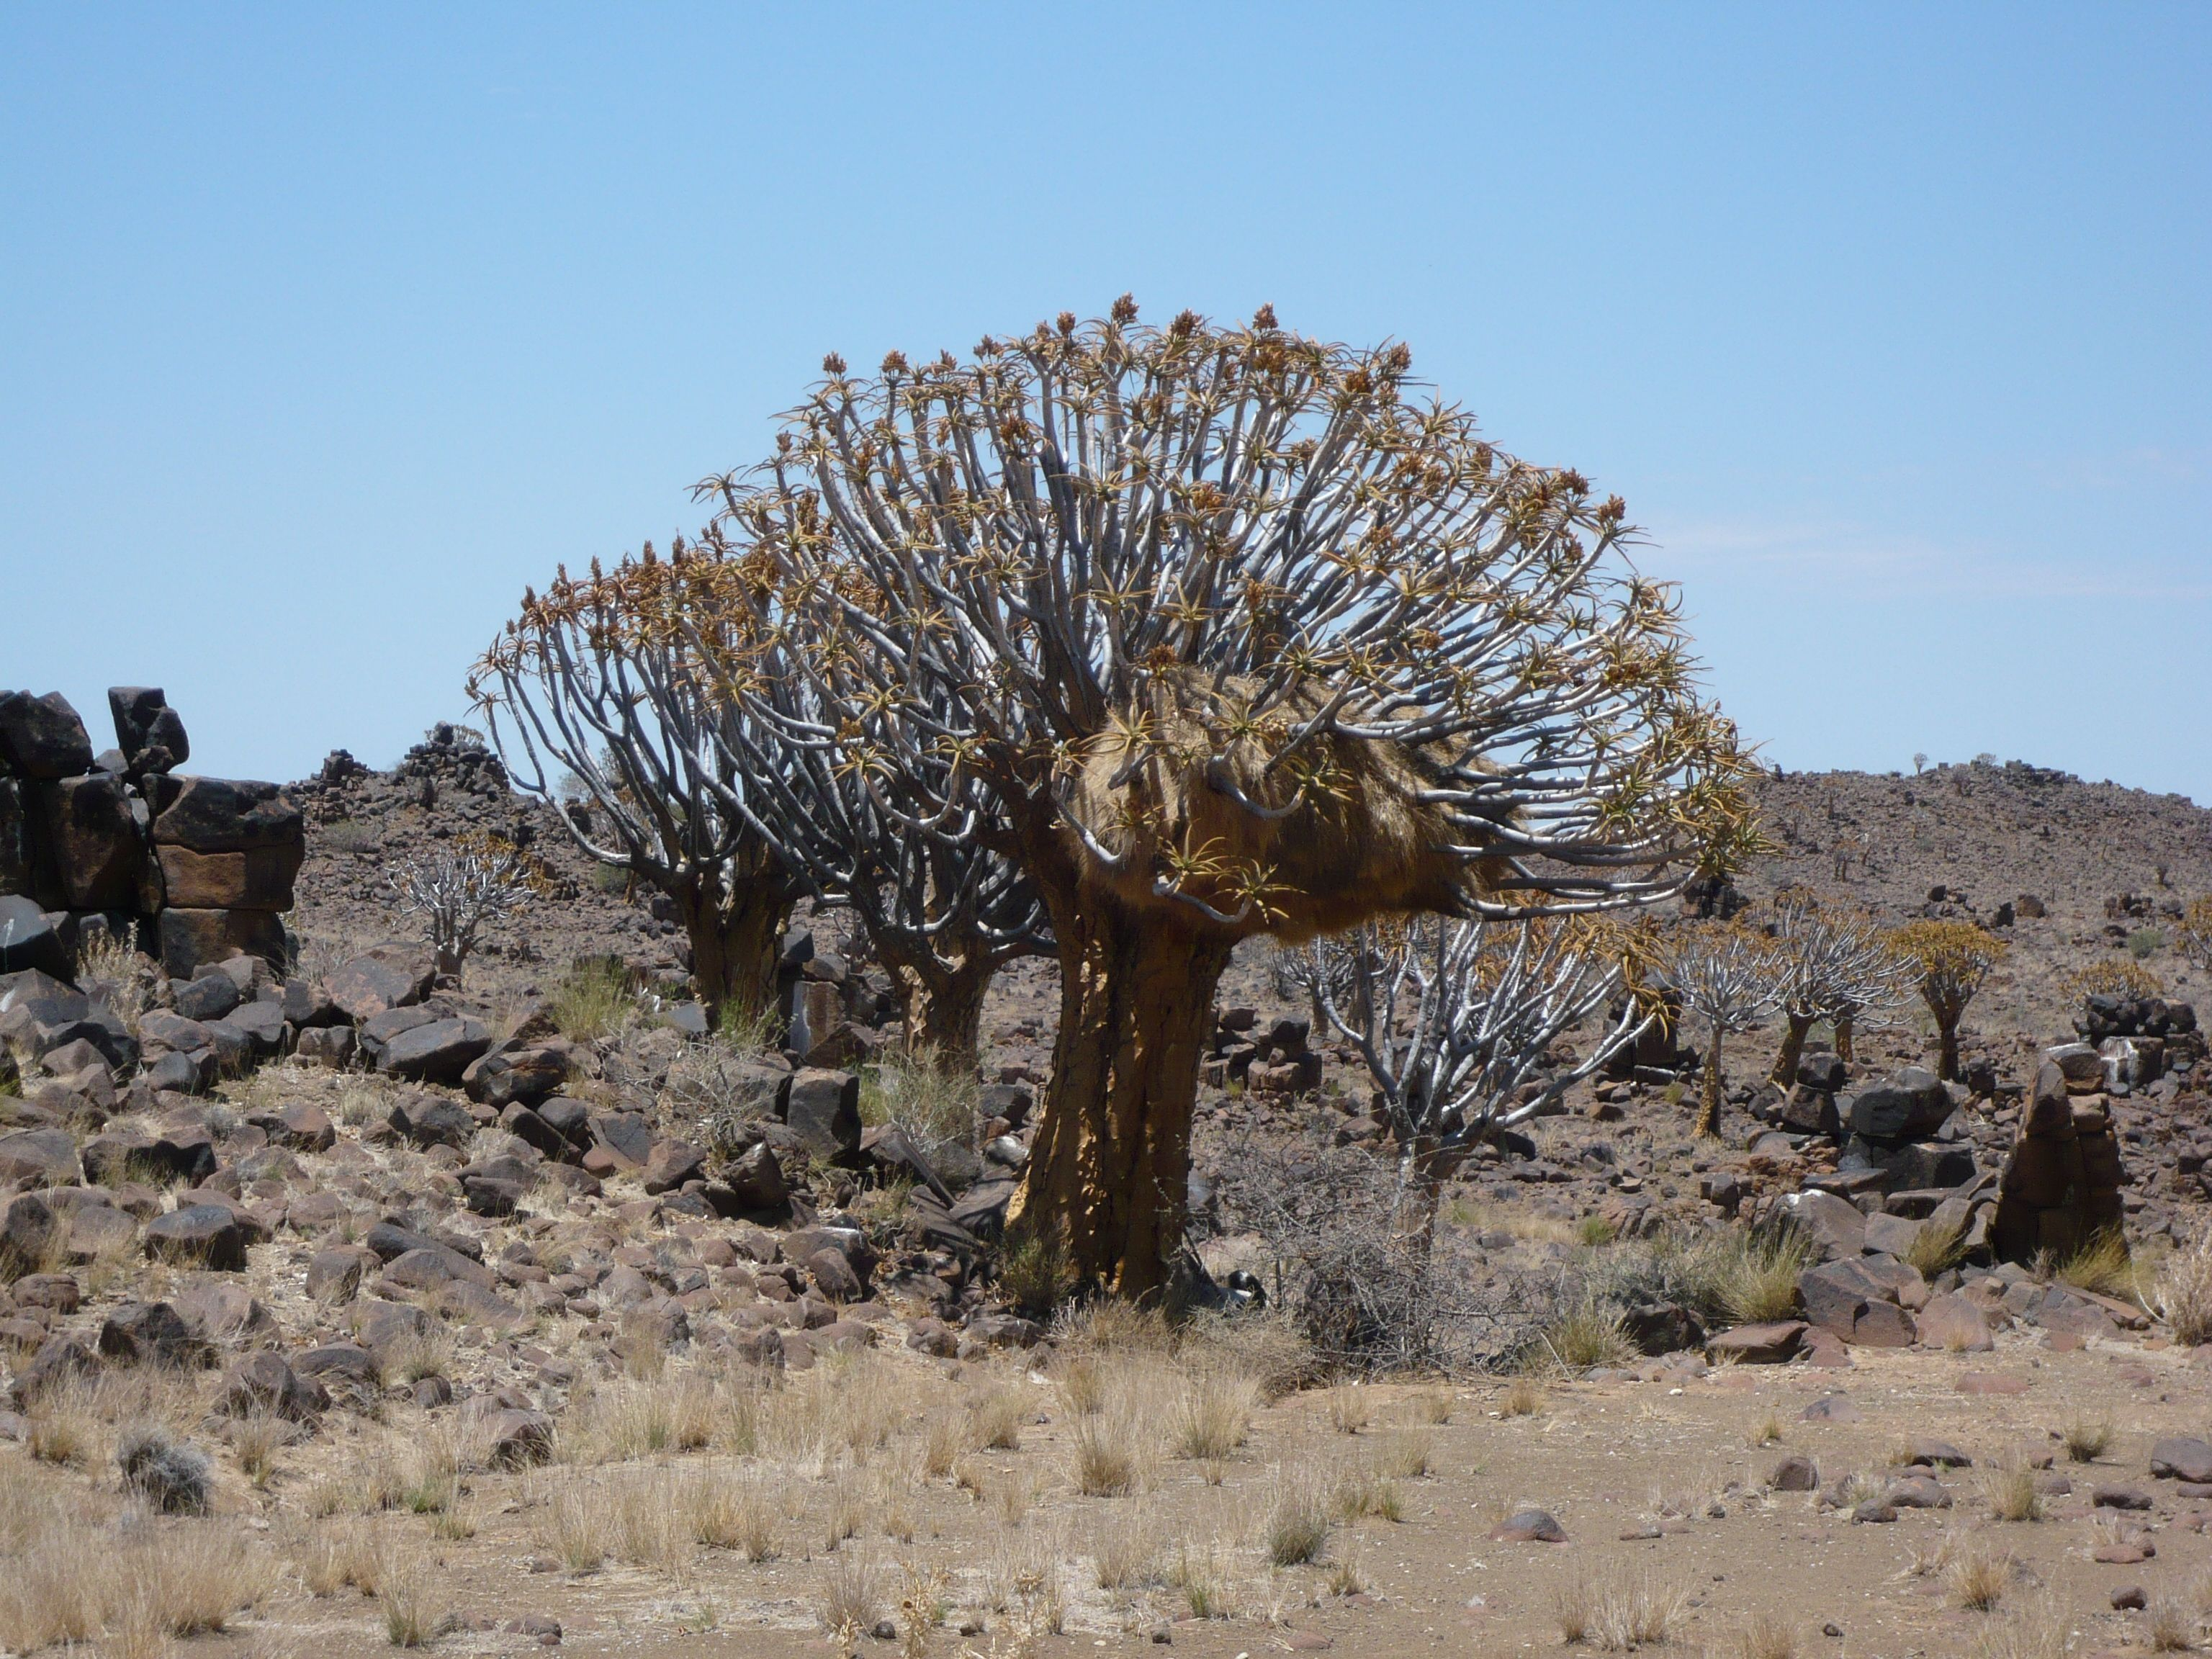 Im weiter südlich gibt es einen außergewöhnlichen Einsiedler mit eigenem Köcherbaumwald.